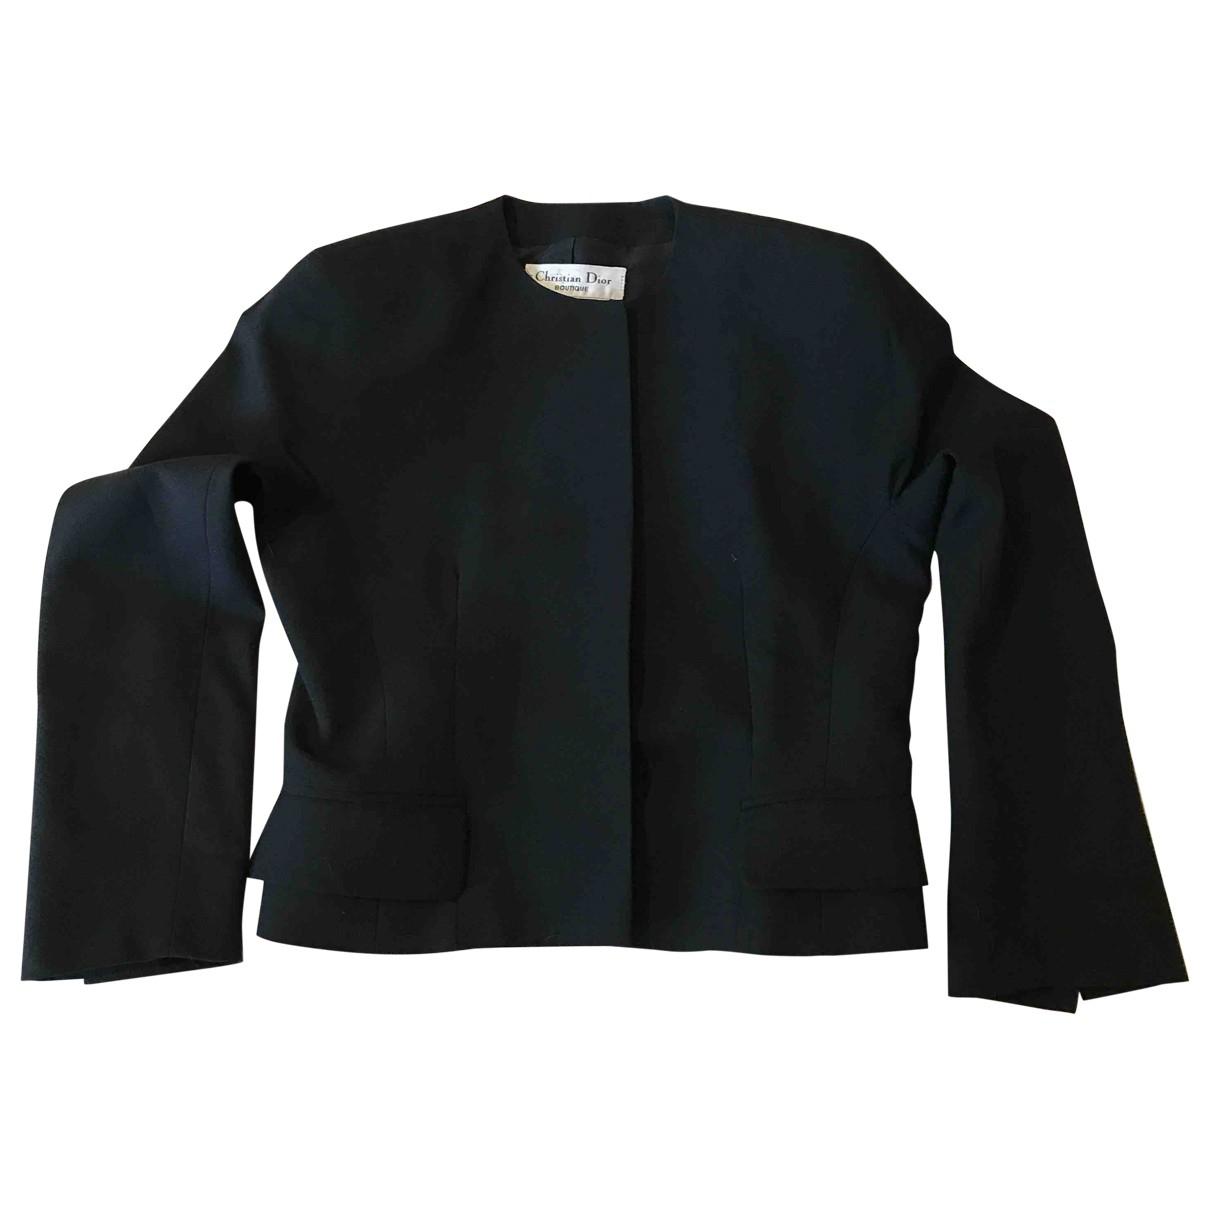 Dior \N Jacke in  Schwarz Wolle